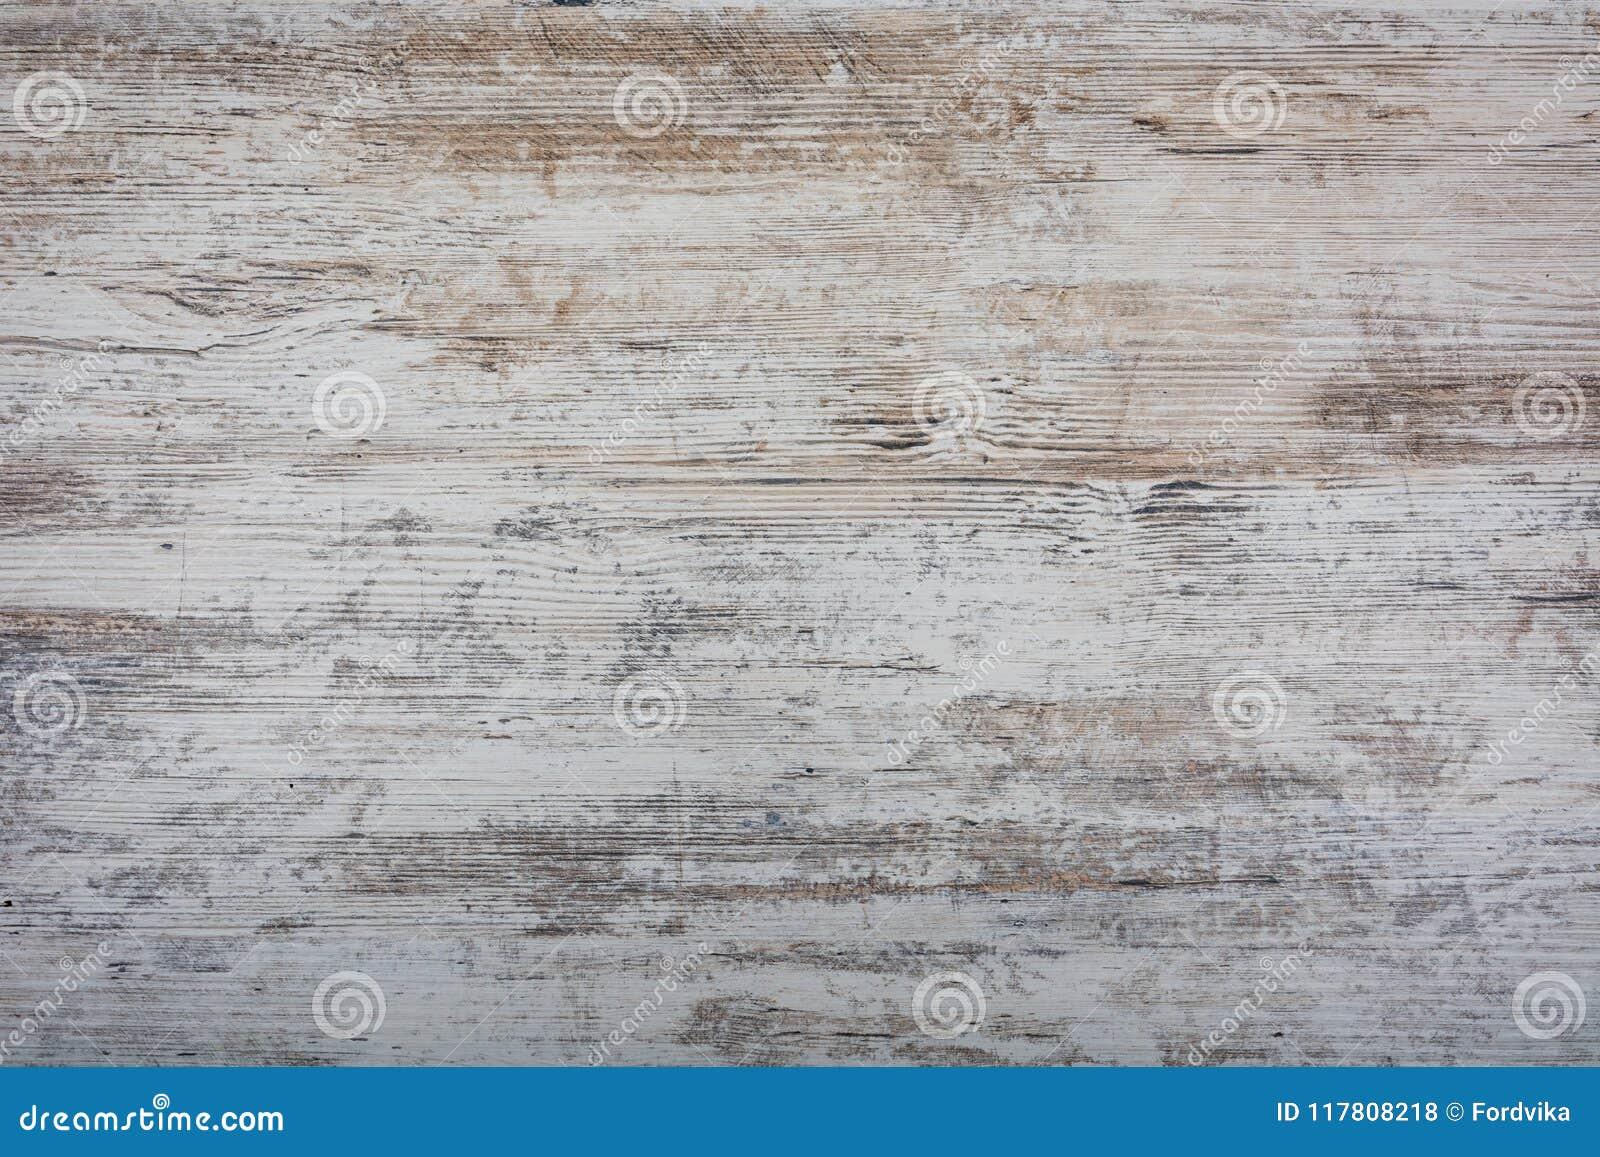 Ecrire Sur Panneau Bois texture de fond de vieux bois léger minable, panneaux photo